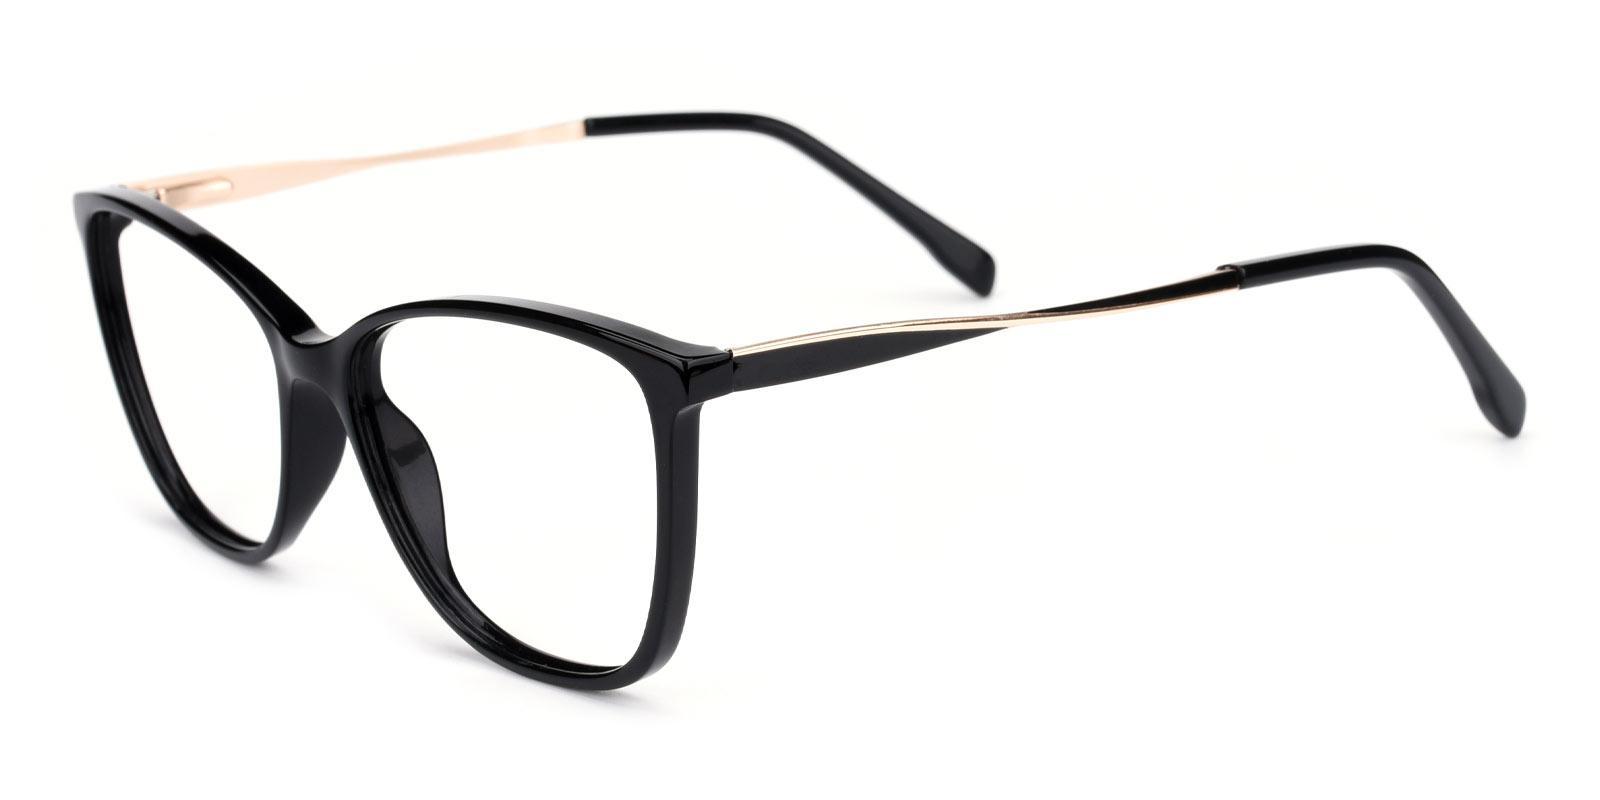 Night-Black-Rectangle-Acetate-Eyeglasses-detail